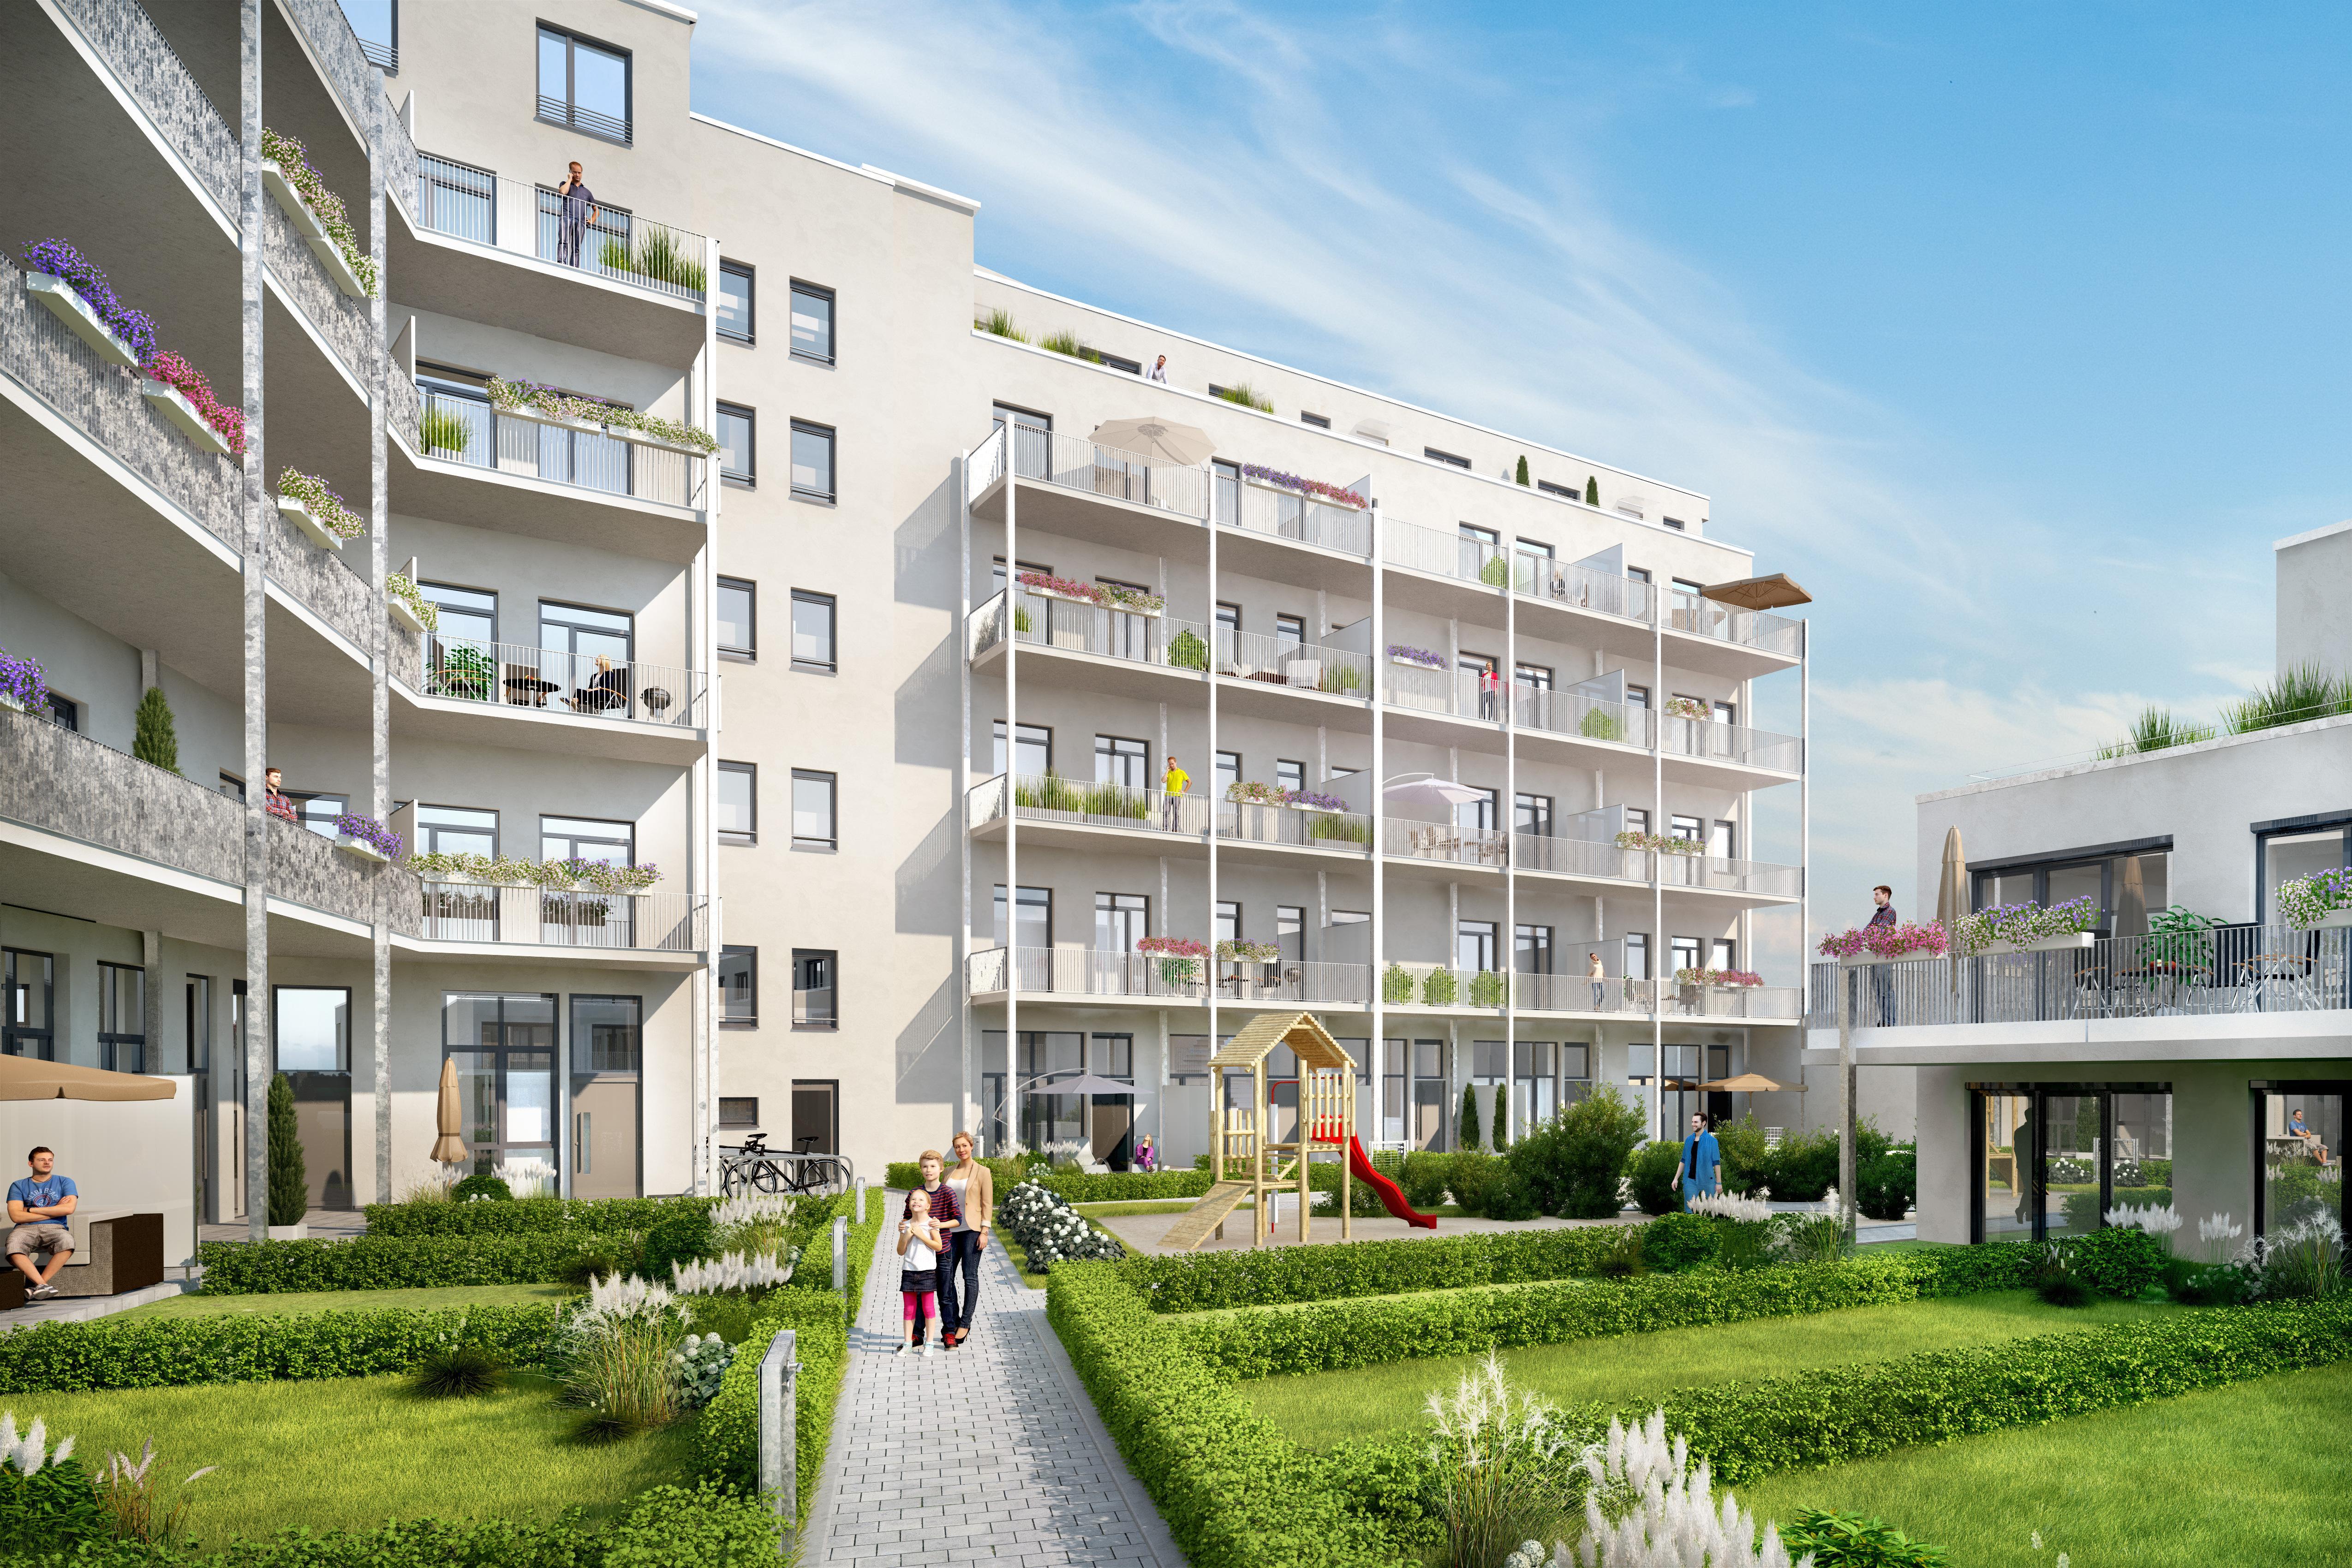 1 - 3 Zimmer Wohnungen in Nürnberg